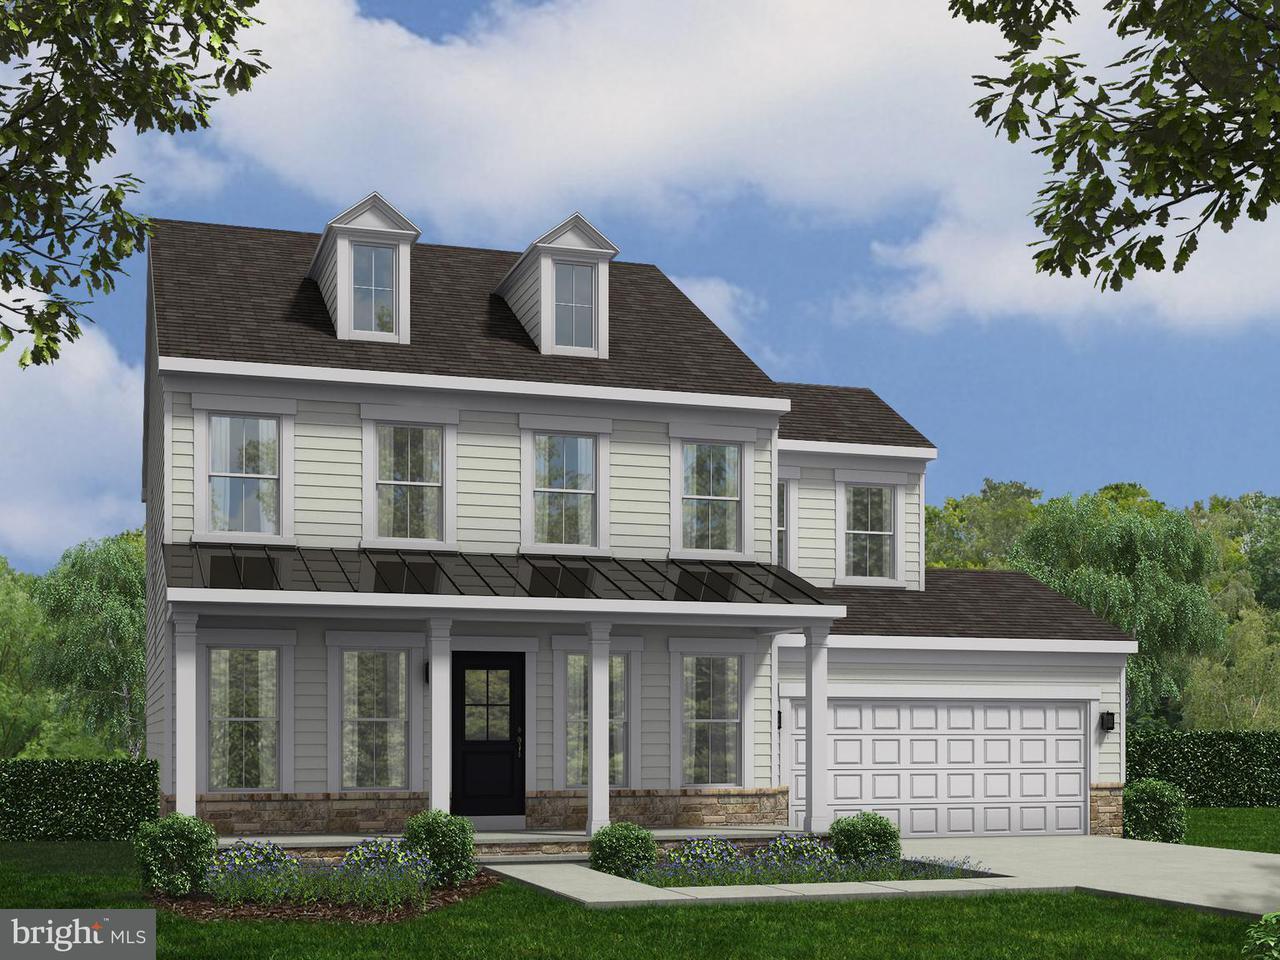 Casa Unifamiliar por un Venta en 6540 Jousting Court 6540 Jousting Court Indian Head, Maryland 20640 Estados Unidos